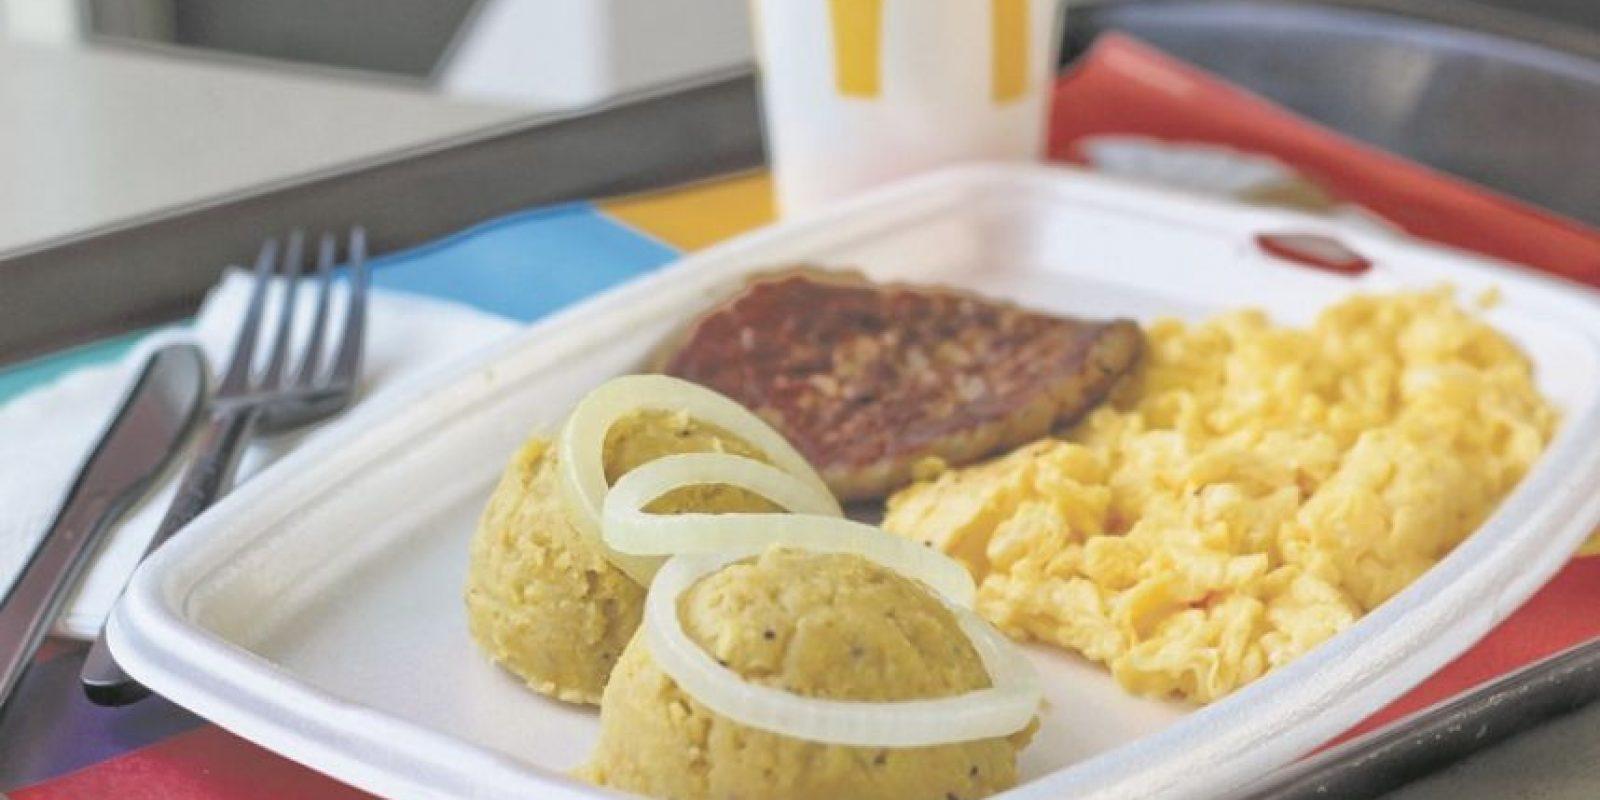 Desayunos en McDonald´s ¿Mangú en McDonald´s? Sí, y lo puedes pedir con cebollita, huevos revueltos y salchicha. Disponibles desde las siete y media de la mañana. Foto:Fuente exteerna